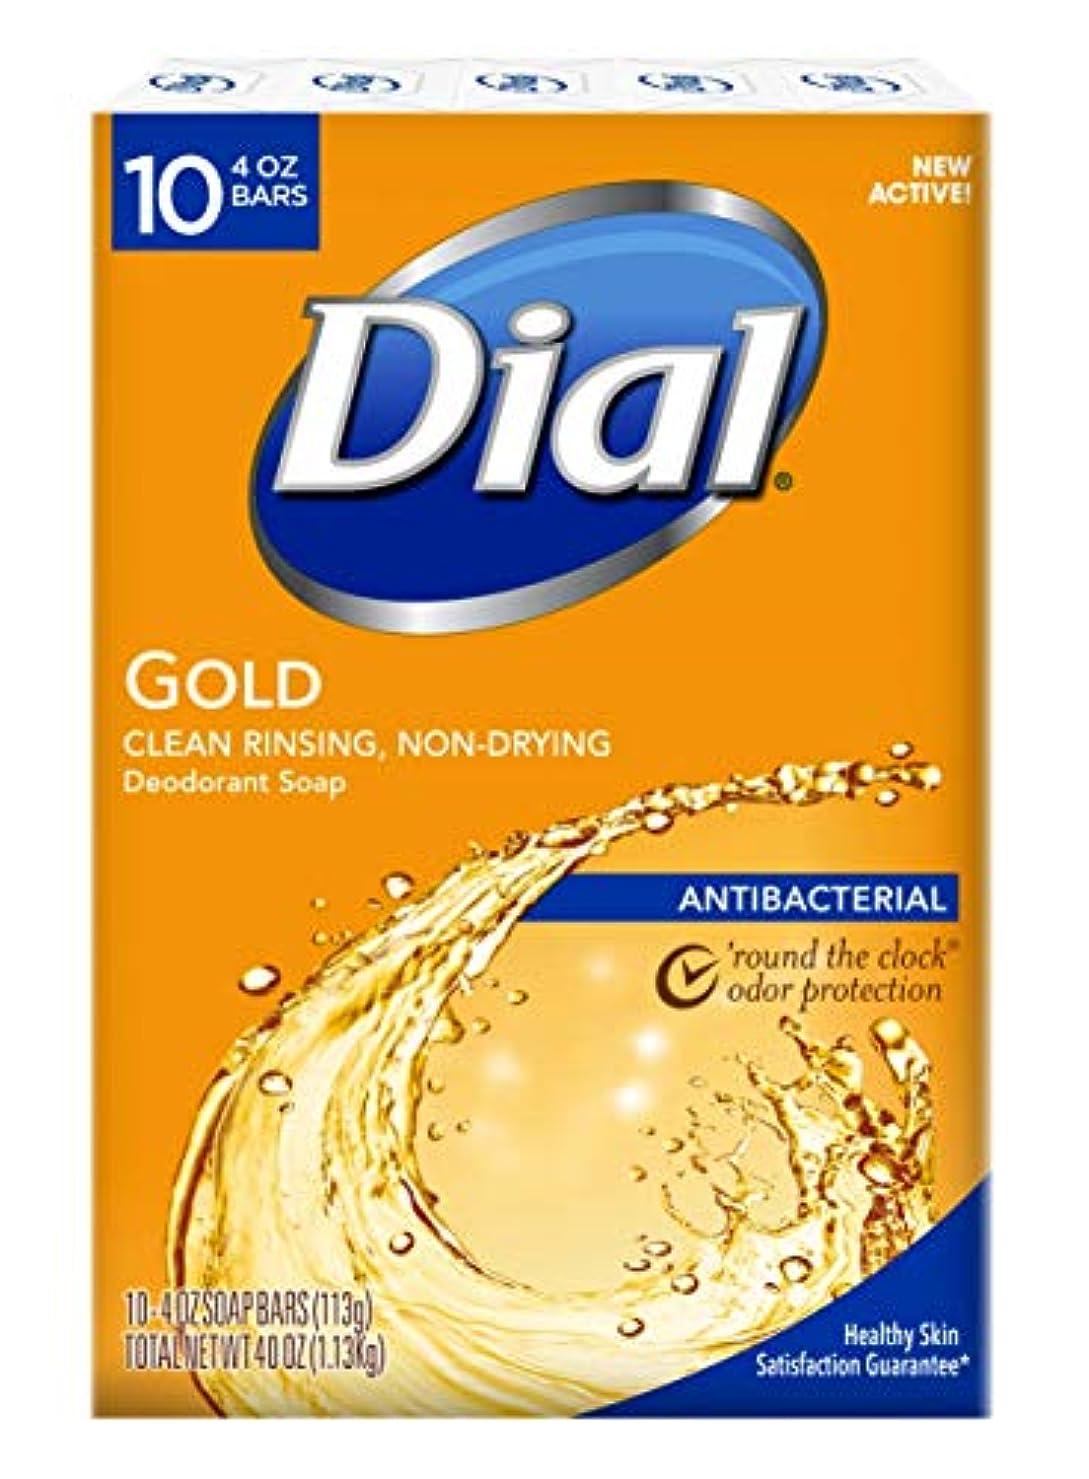 仕事に行く電信馬力Dial Antibacterial Deodorant Bar Soap, Gold, 4-Ounce Bars, 10 Count (Pack of 3)